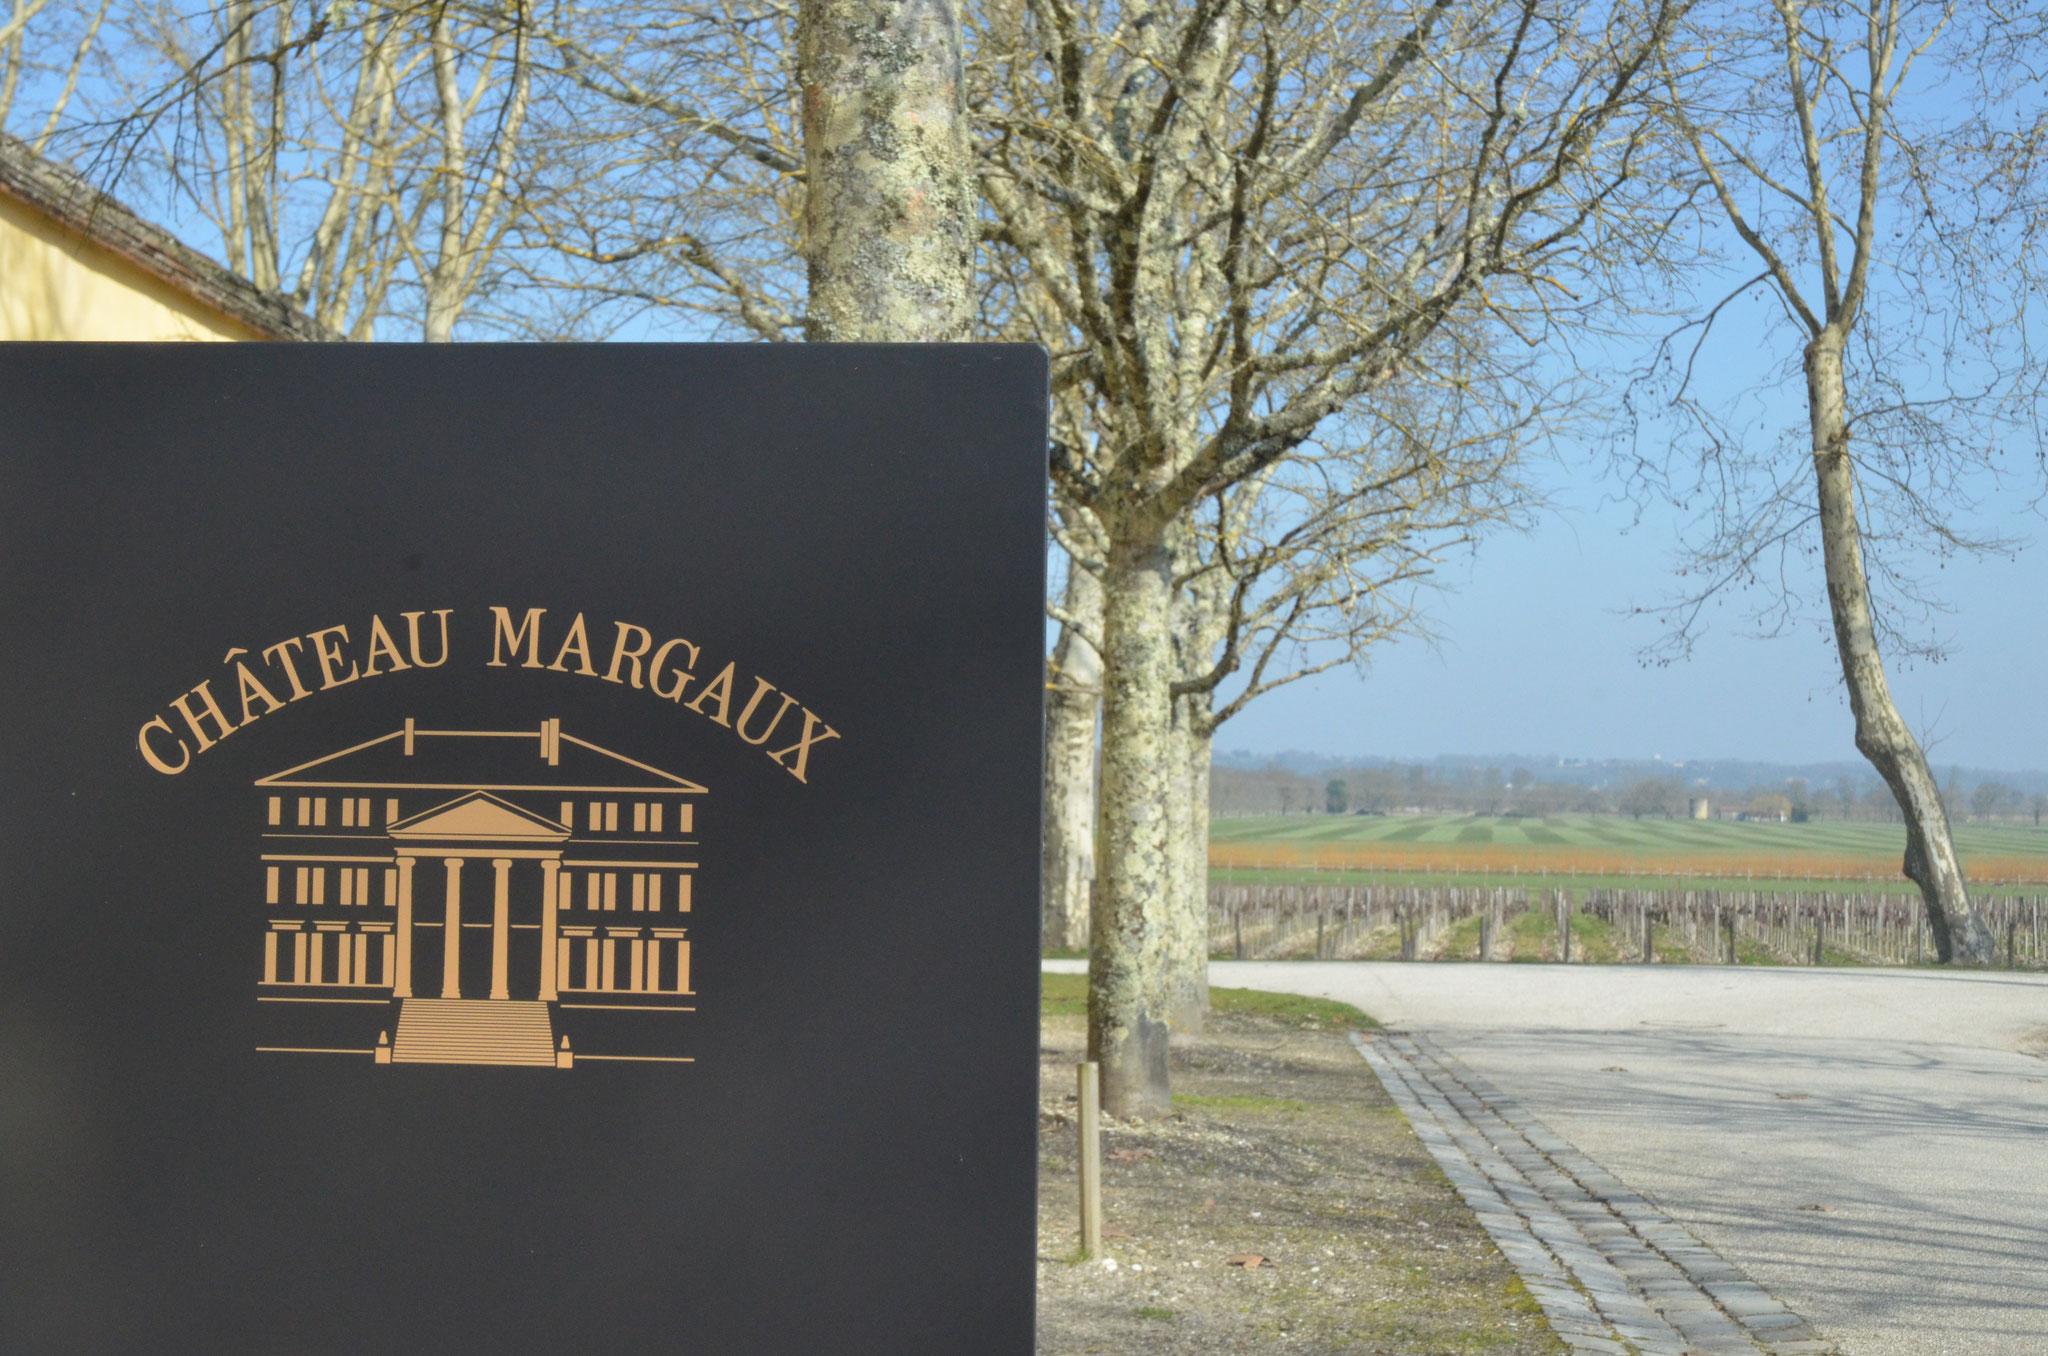 BORDELAIS/Château Margaux